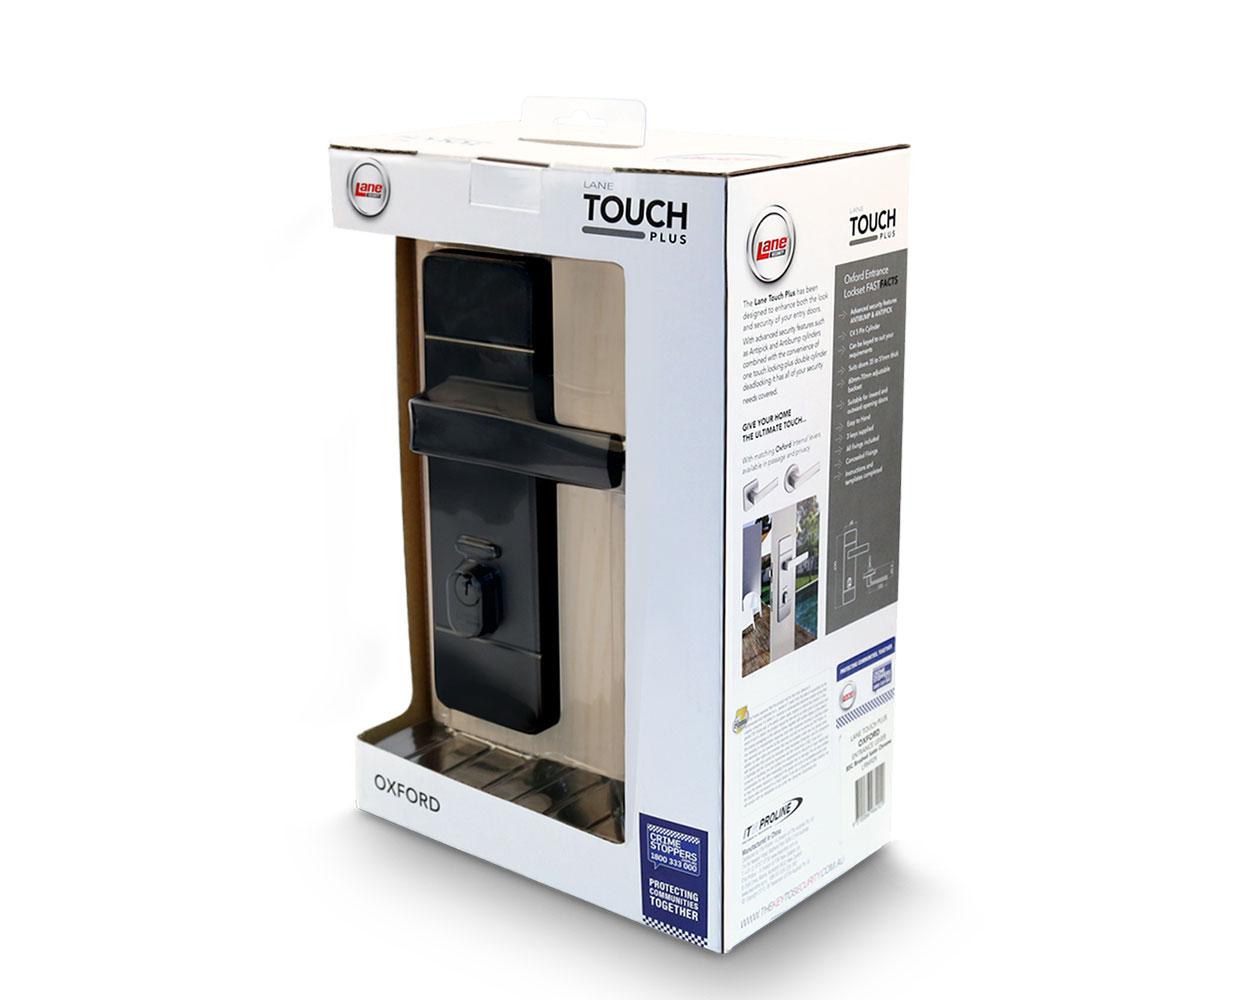 Lane touchplus branding - packaging